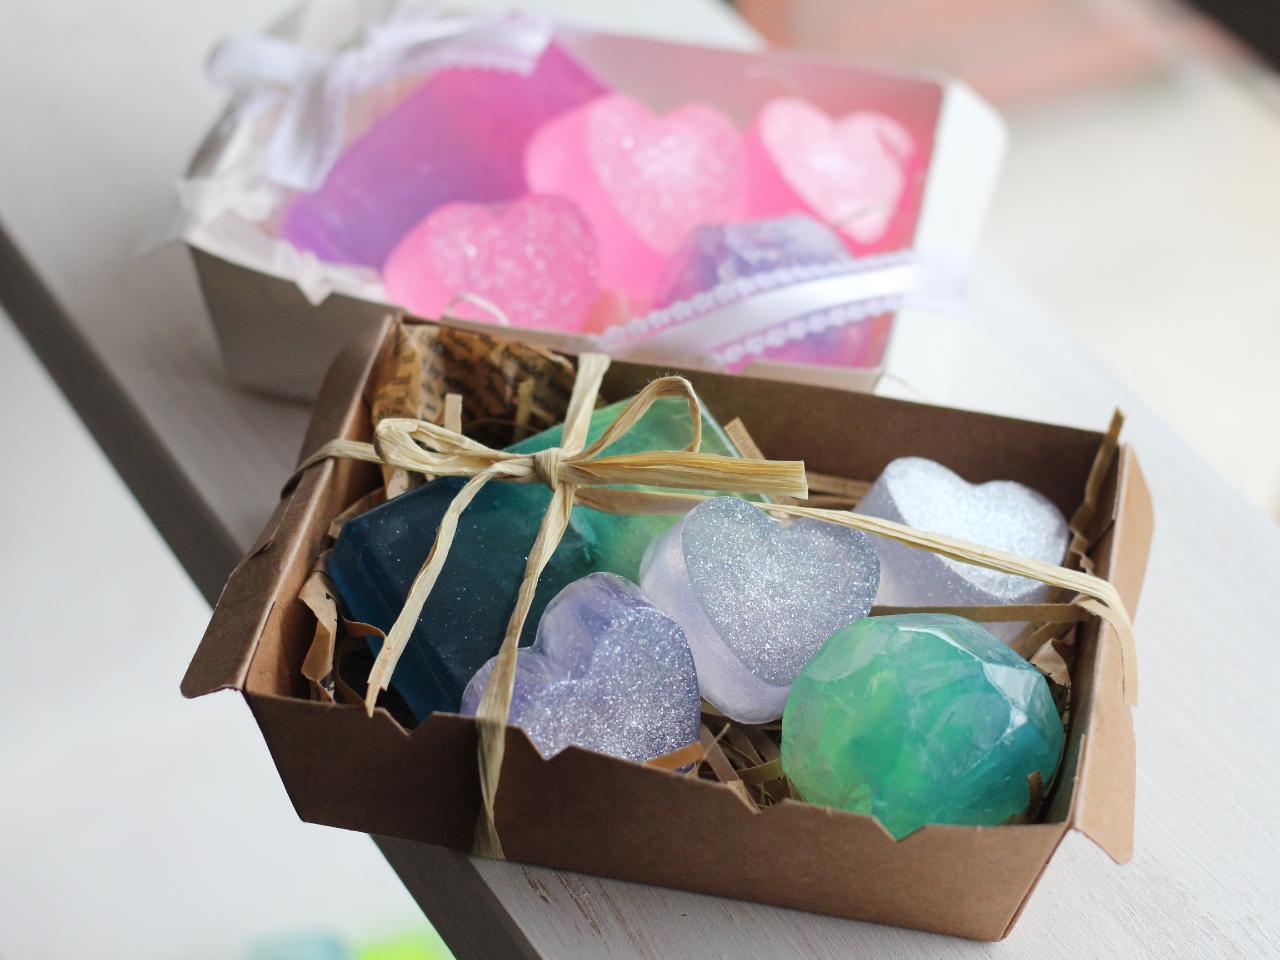 【京都・手作り石けん】透明感が美しい♪宝石風せっけん(3種類5個)を手作りしよう...